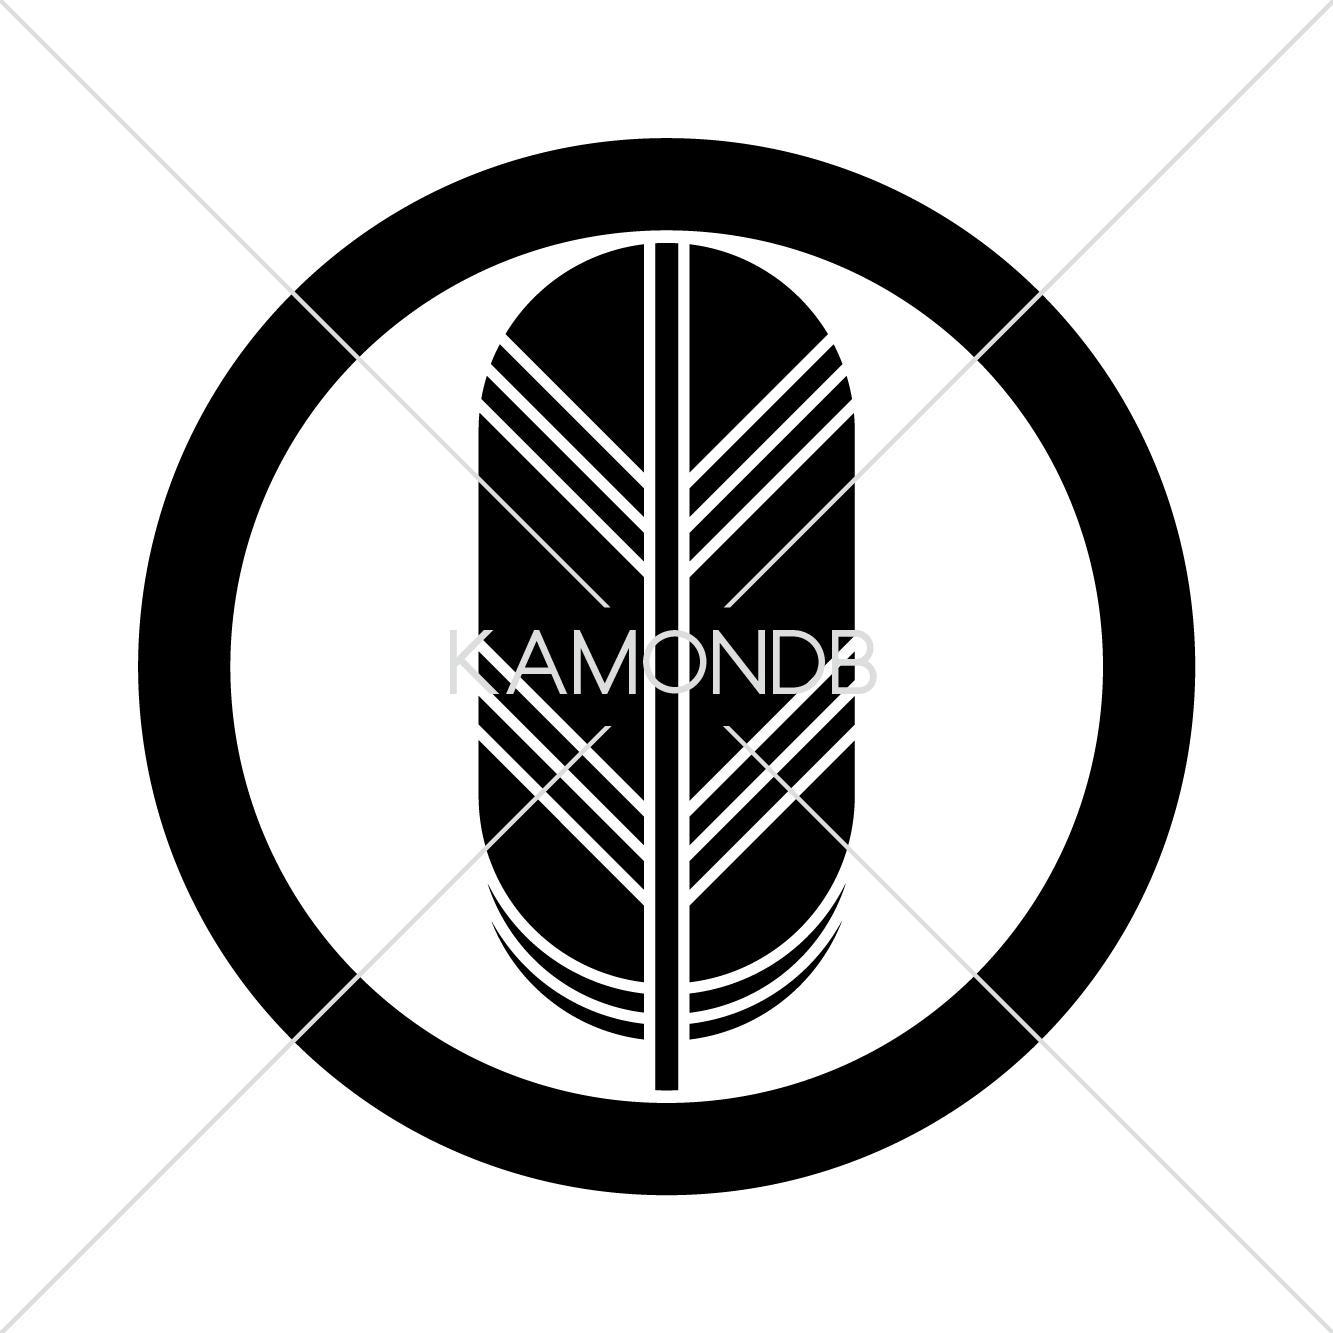 丸に一つ鷹の羽 – 家紋DB